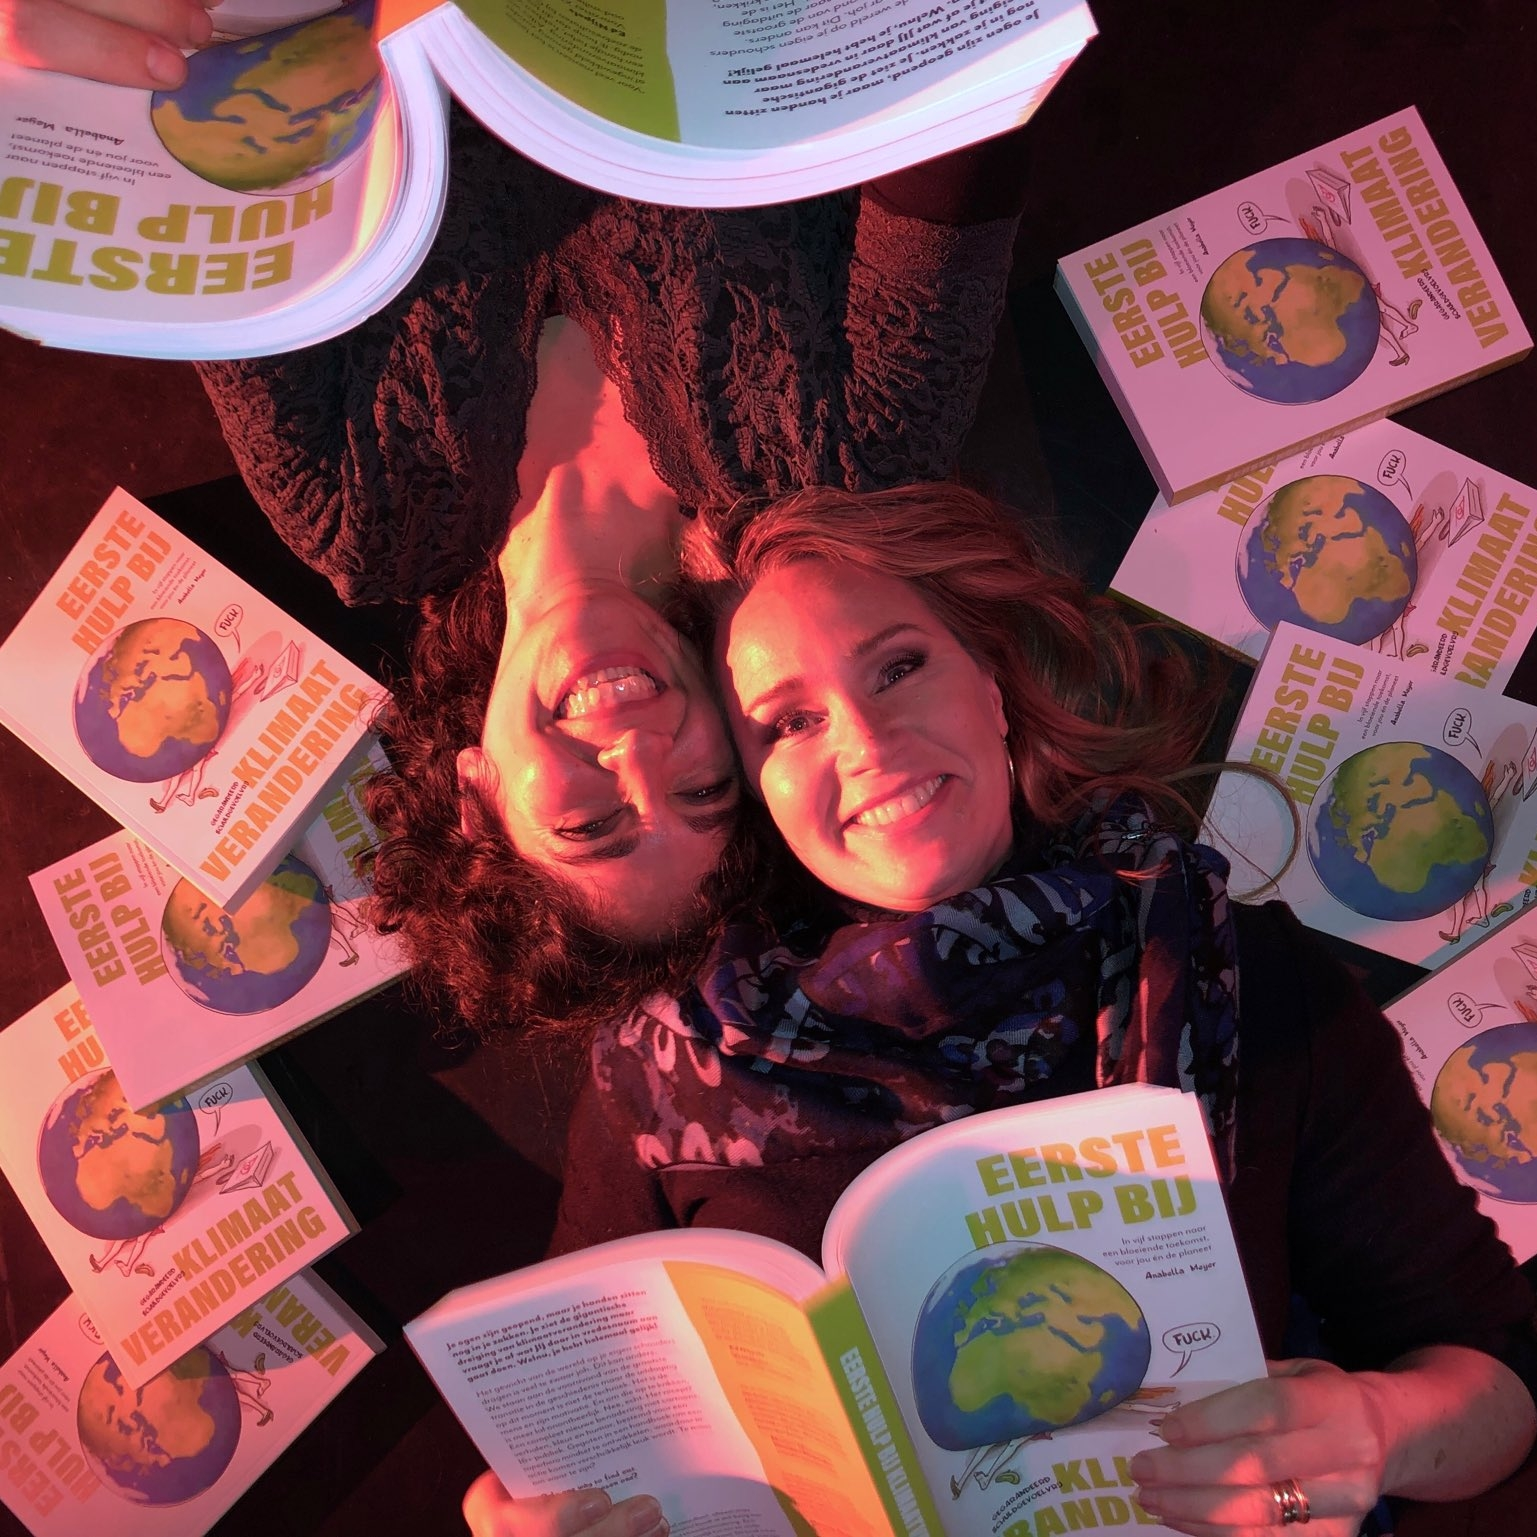 Het regent #EHBKV volgens Helga van Leur op de launchparty 30 november